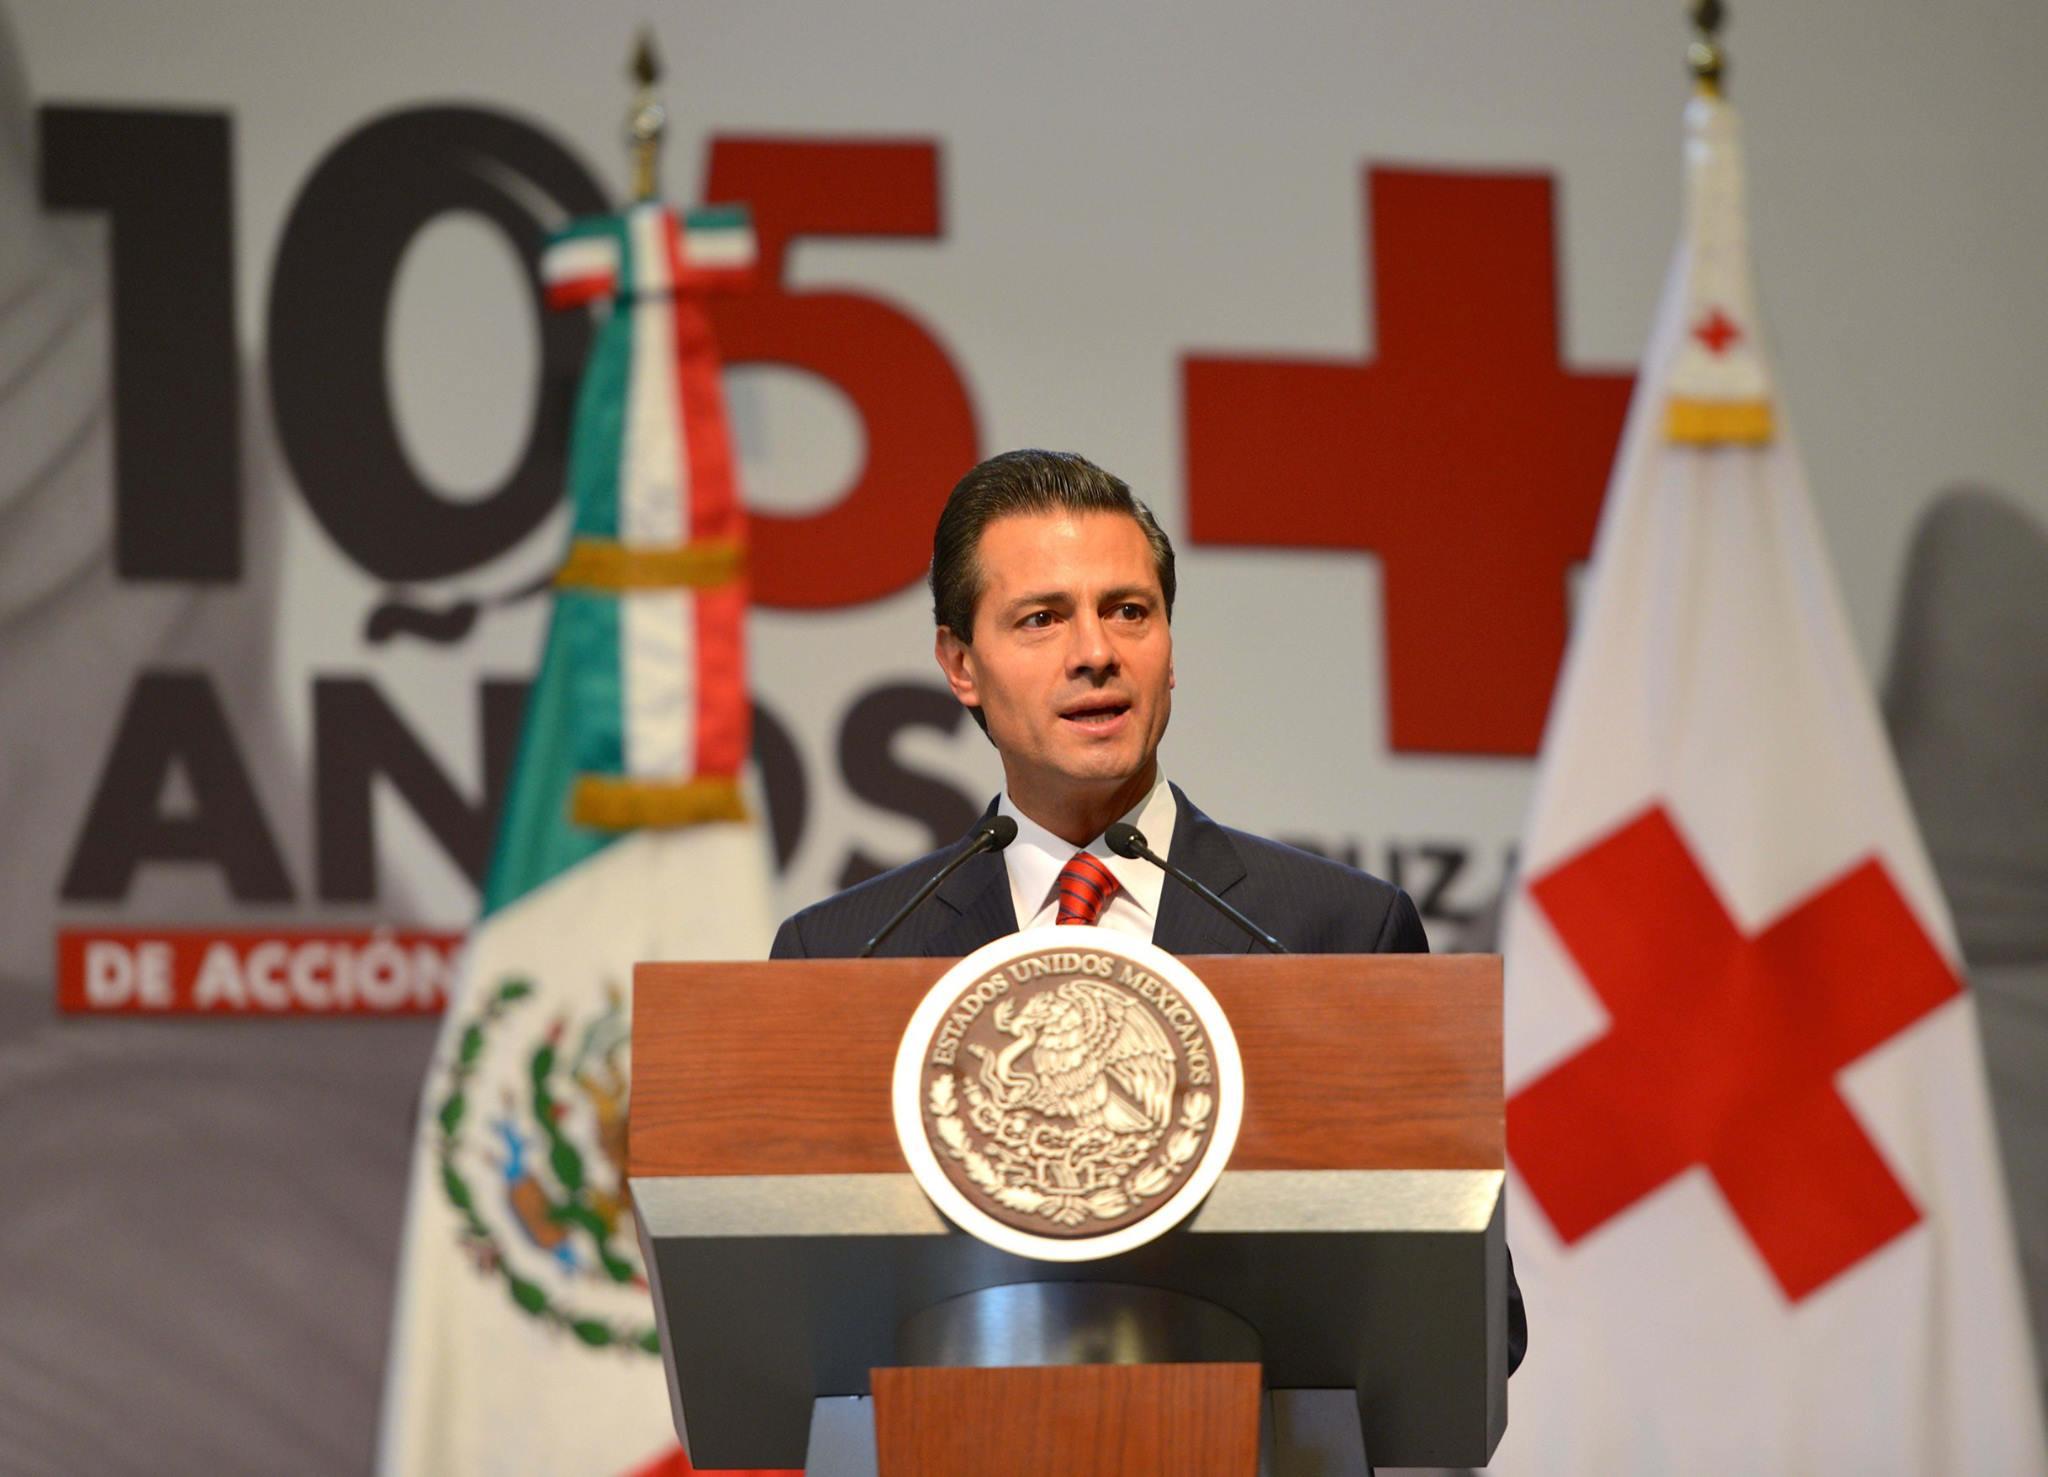 Palabras del Presidente Enrique Peña Nieto, durante el Homenaje a Cruz Roja Mexica, 105 Años de Acción Humanitaria